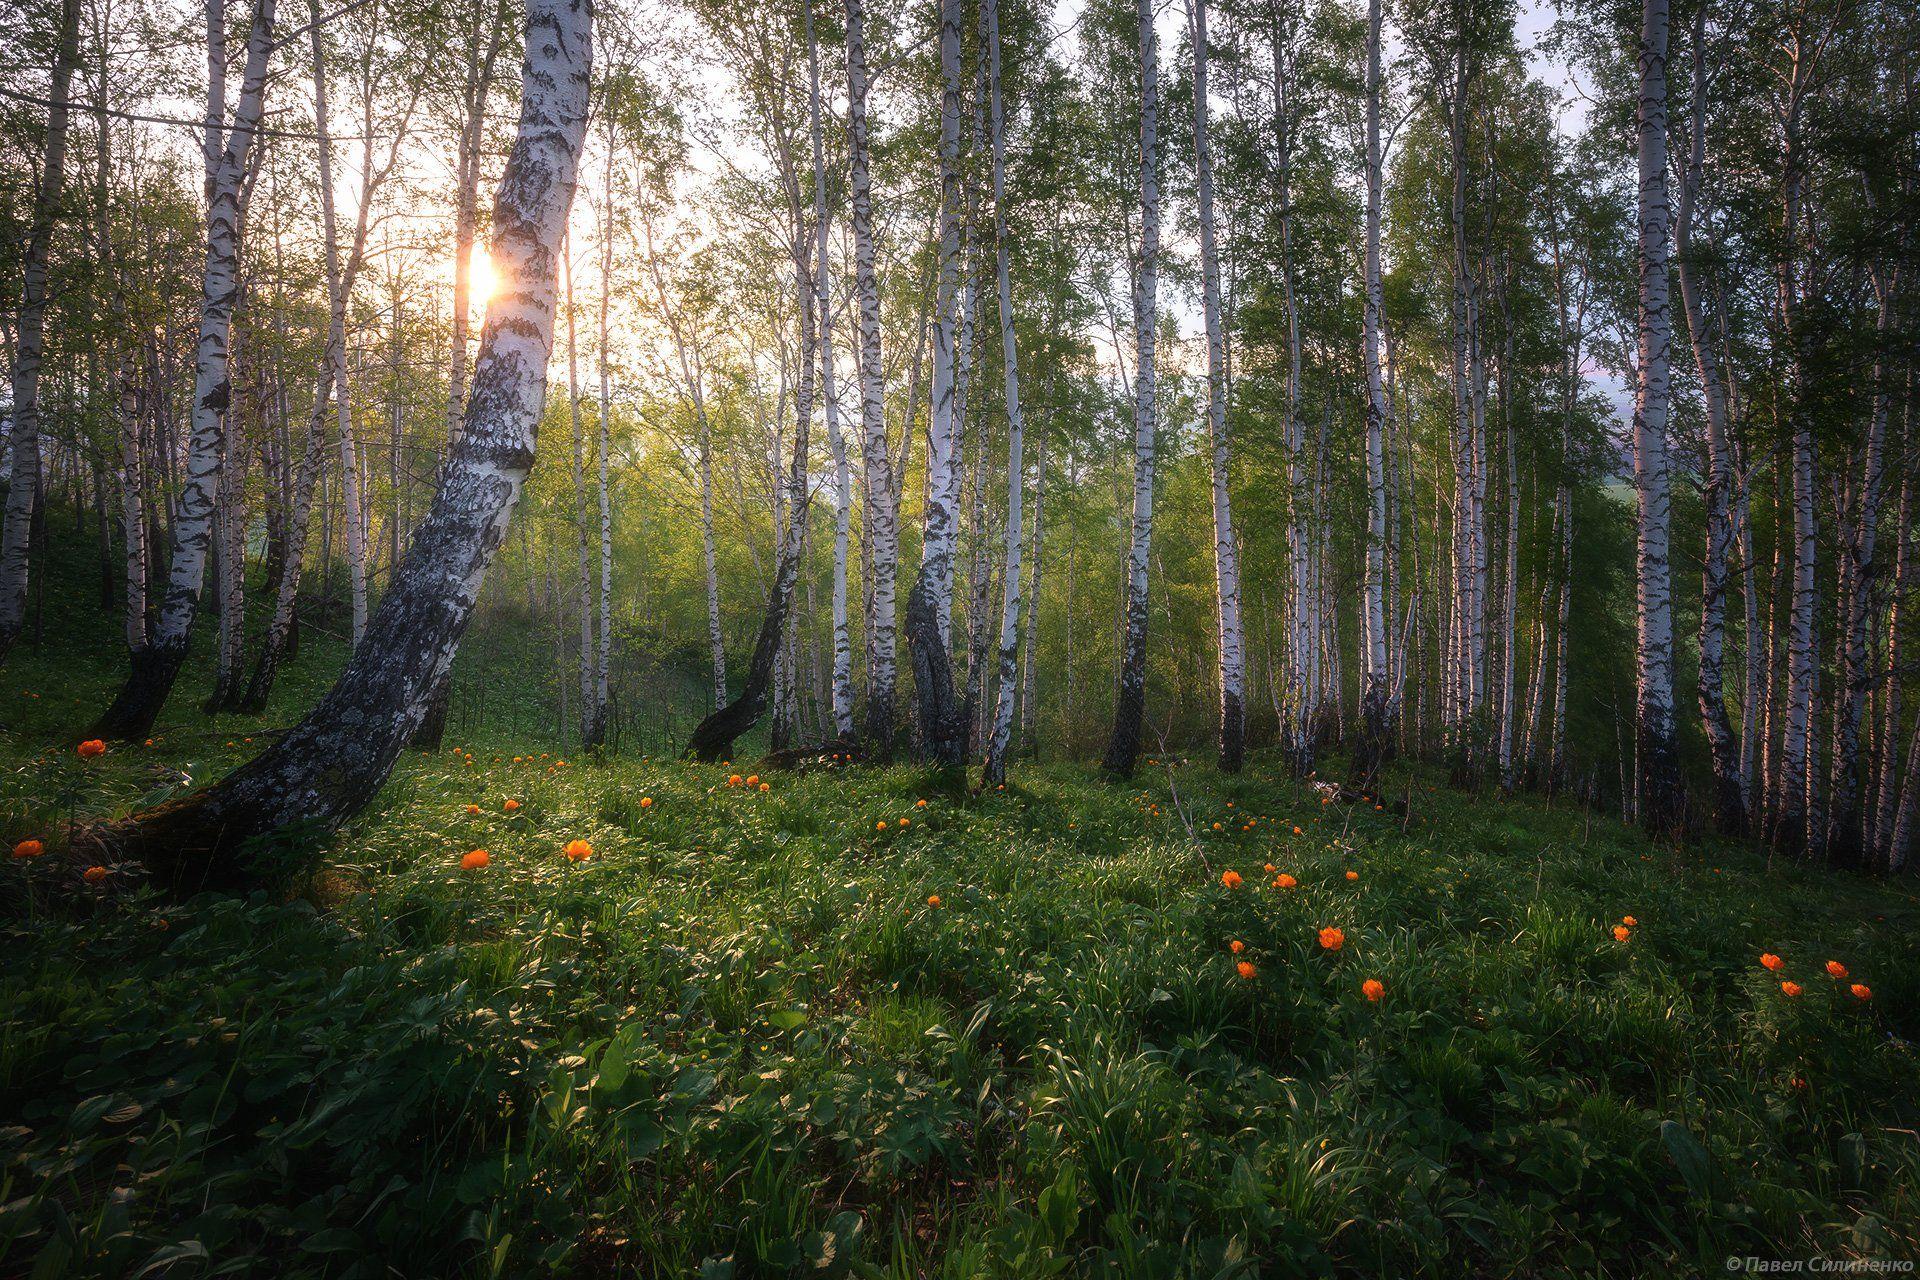 алтай, белокуриха, пейзаж, закат, вечер, весна, береза, свет, огоньки, Павел Силиненко